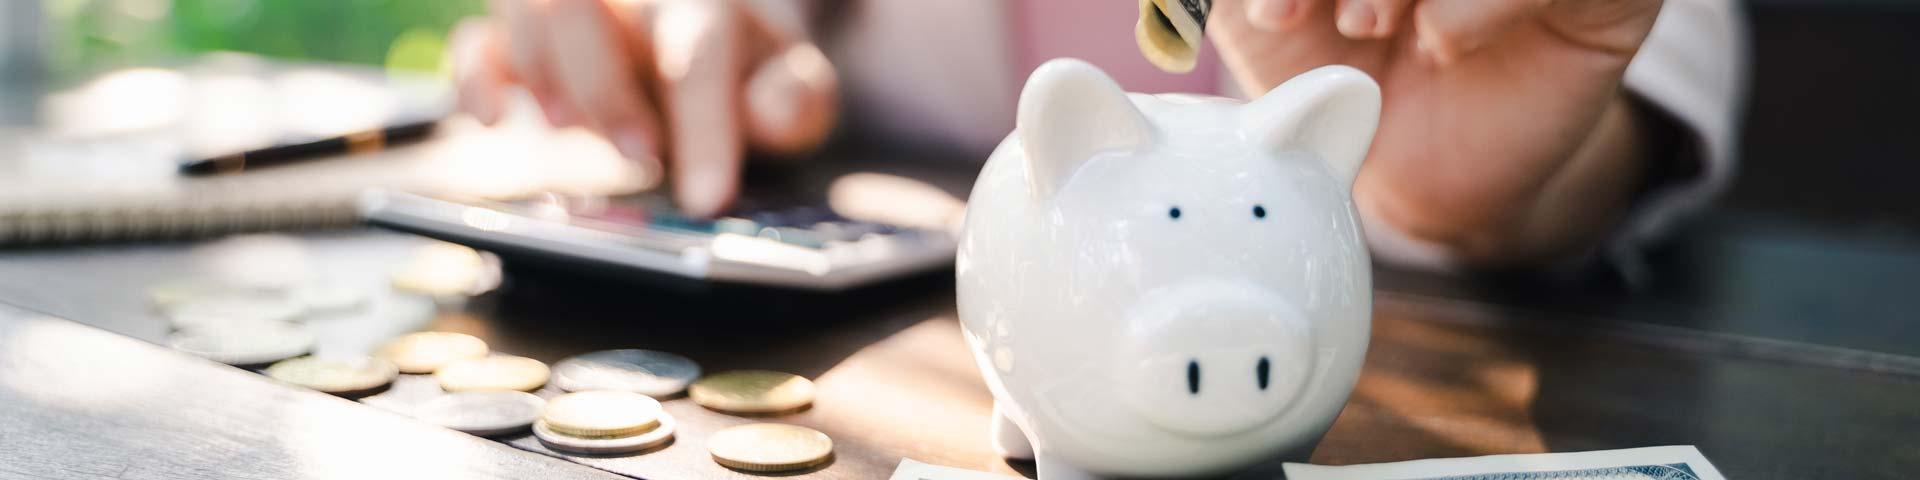 tips voor besparen